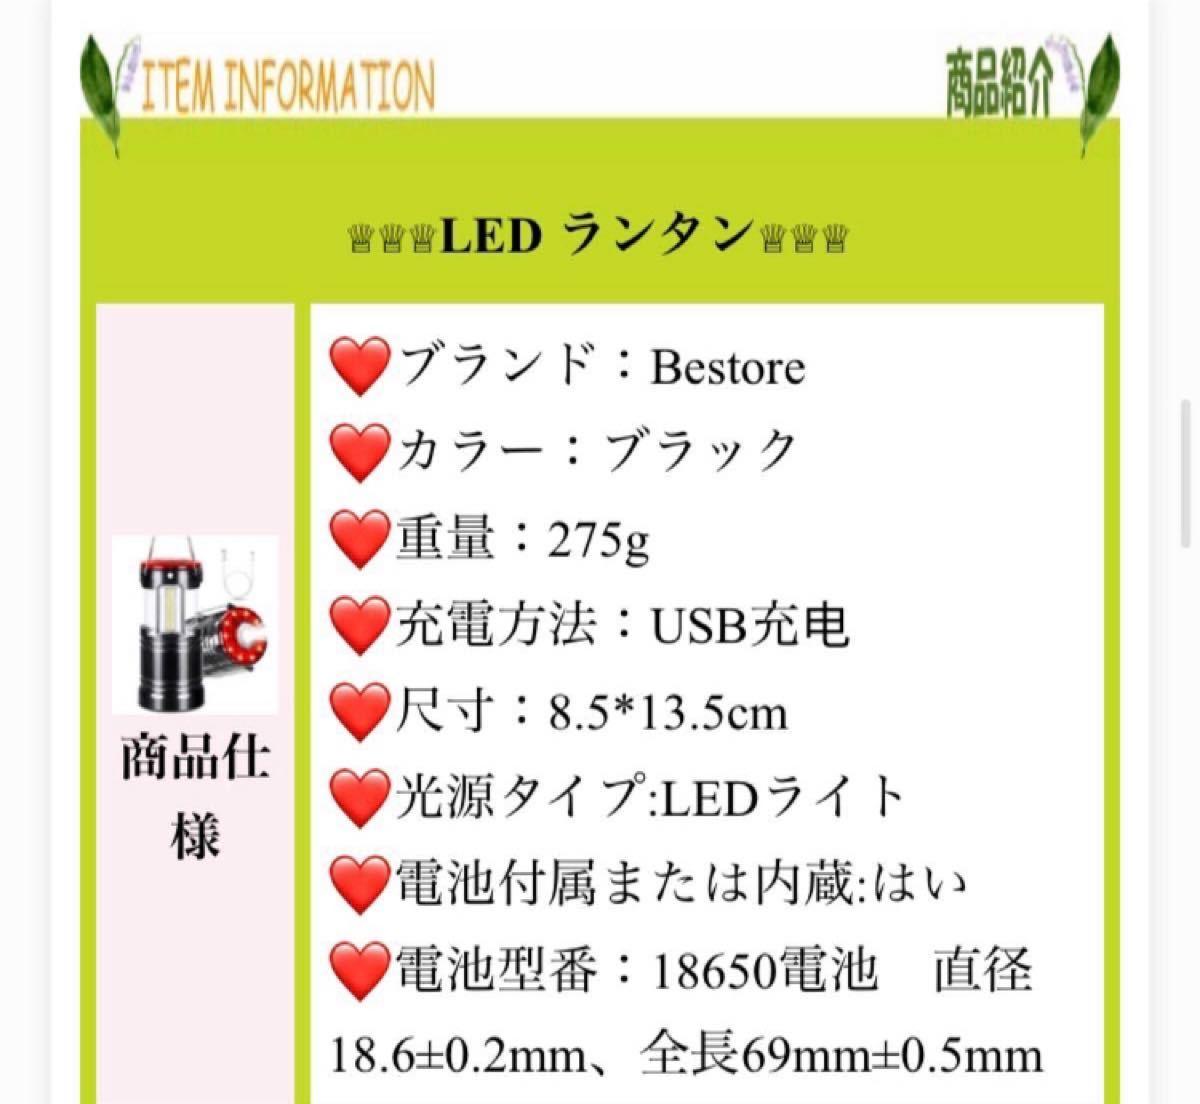 LEDランタン 充電式 USB LEDライト 小型 防水 防塵 電池式 防災 LEDワークライト LED作業灯